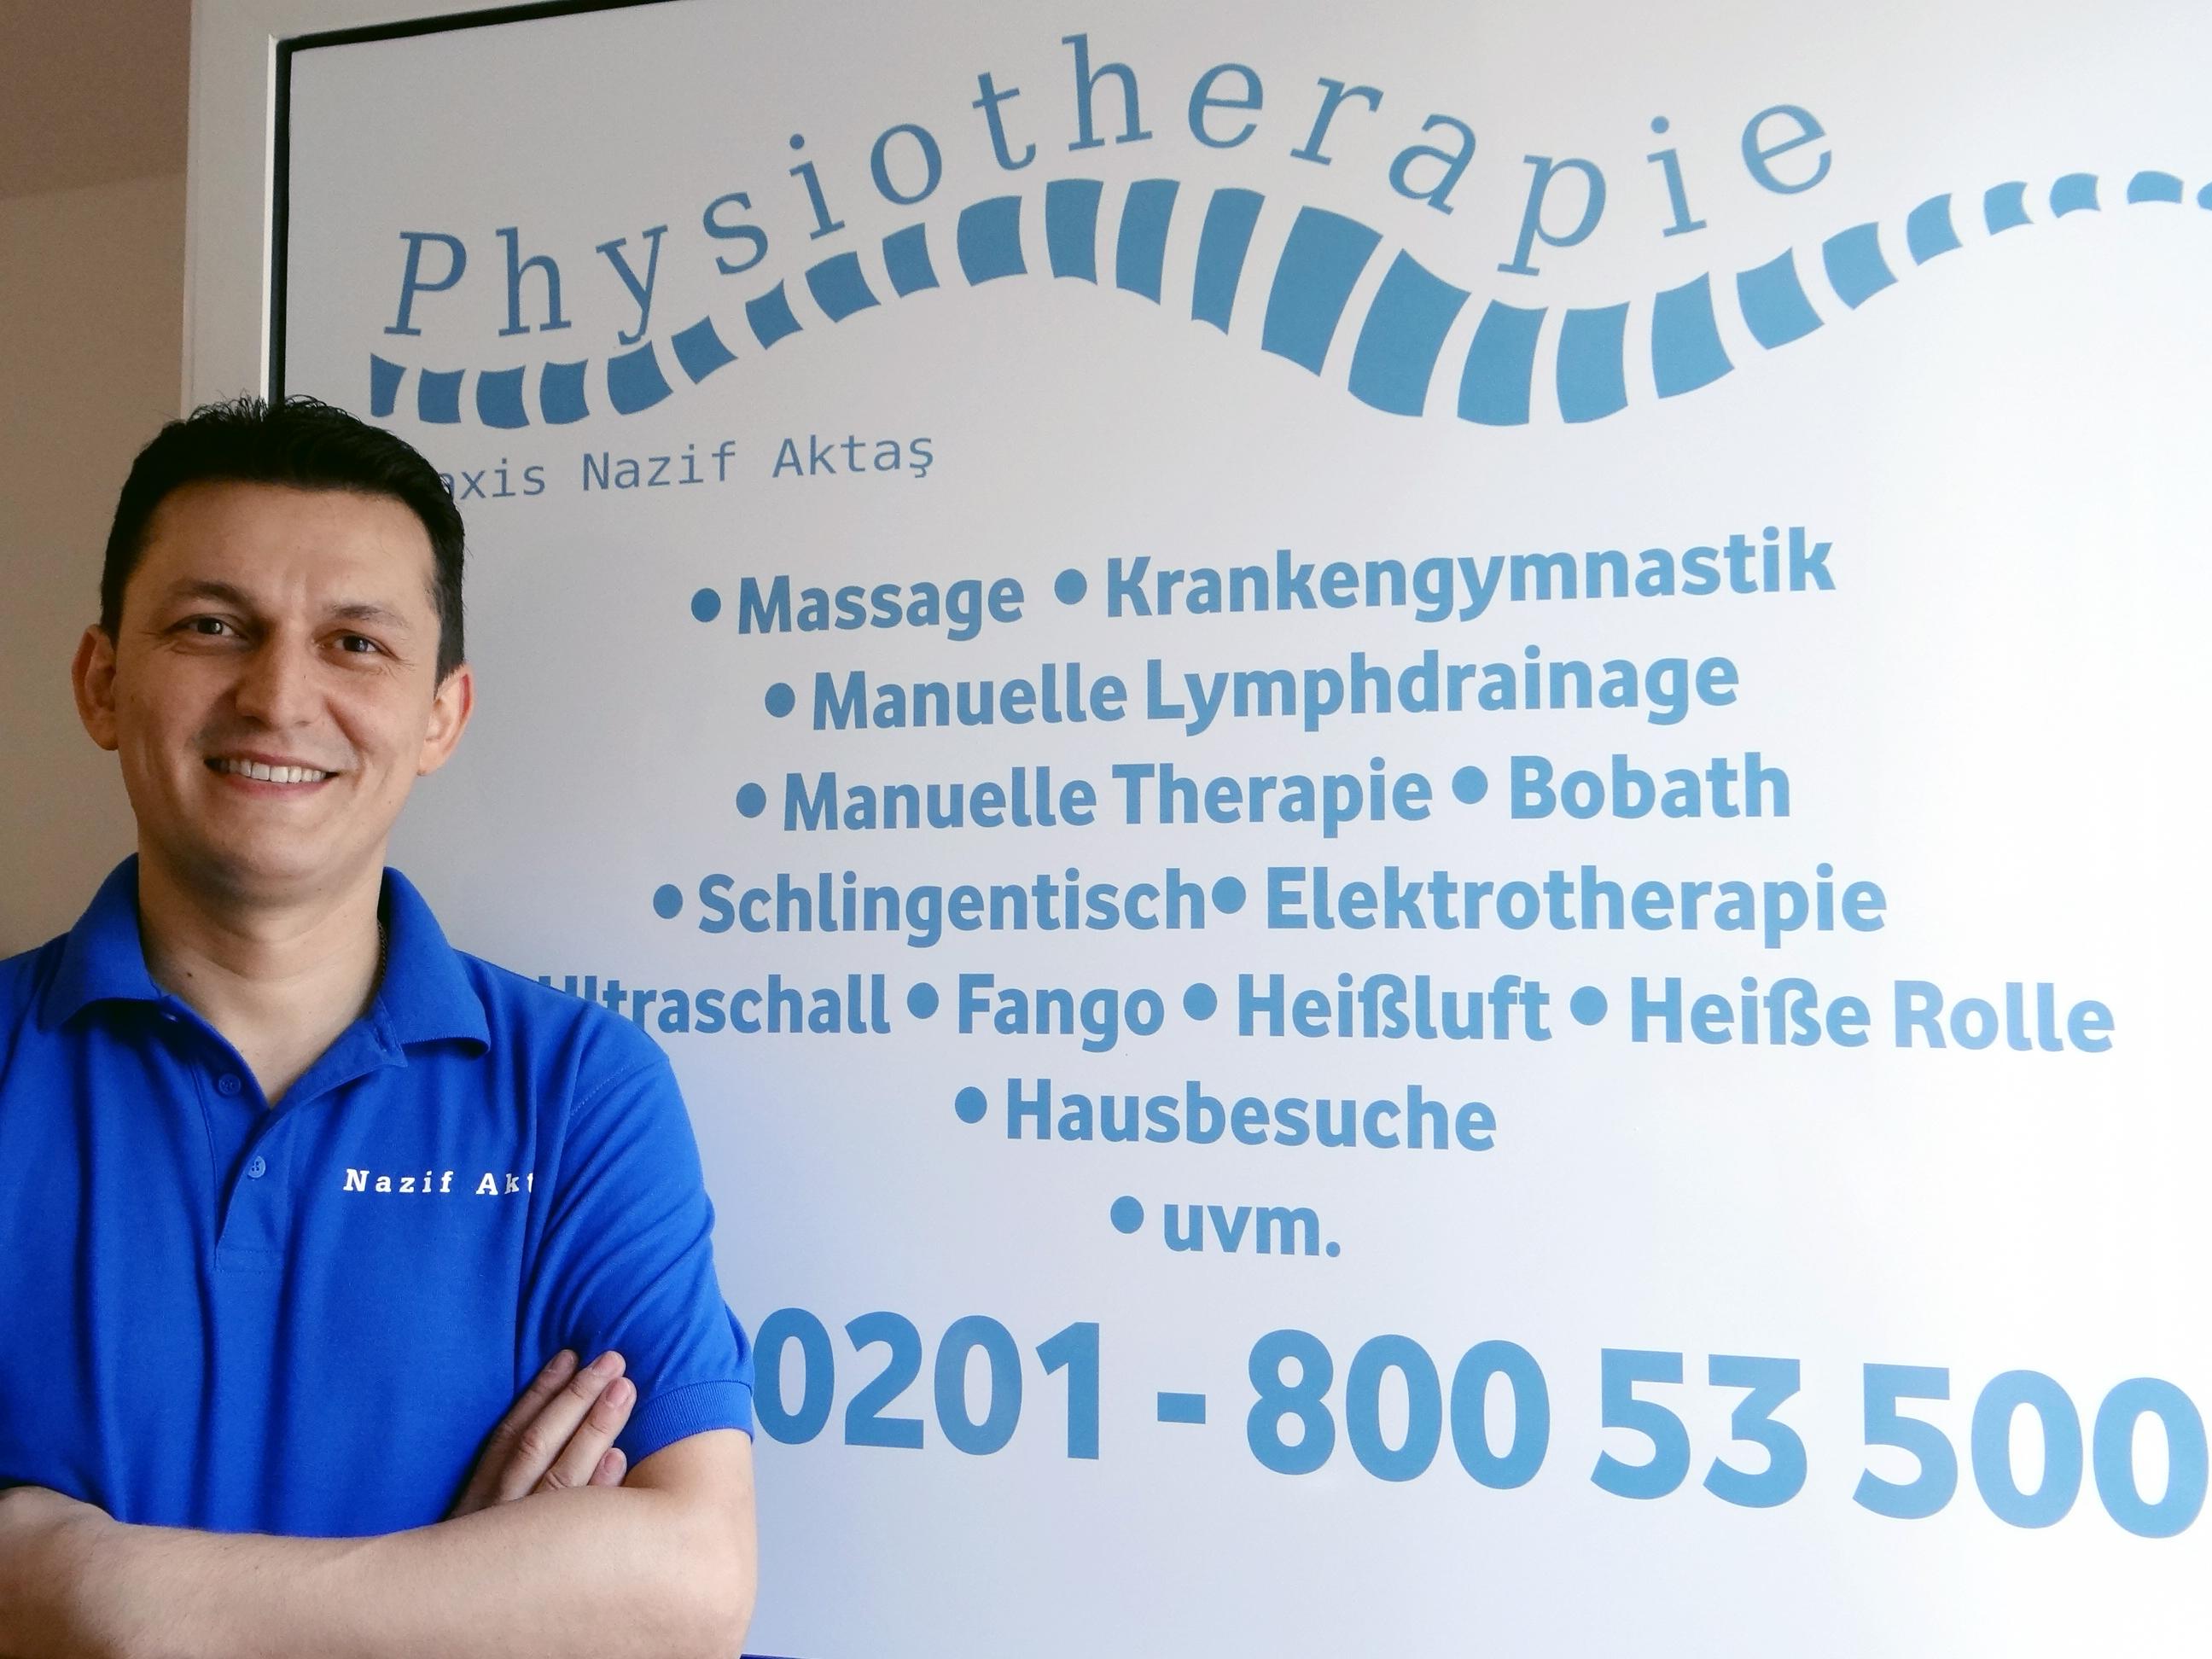 Physiotherapiepraxis Nazif Aktas